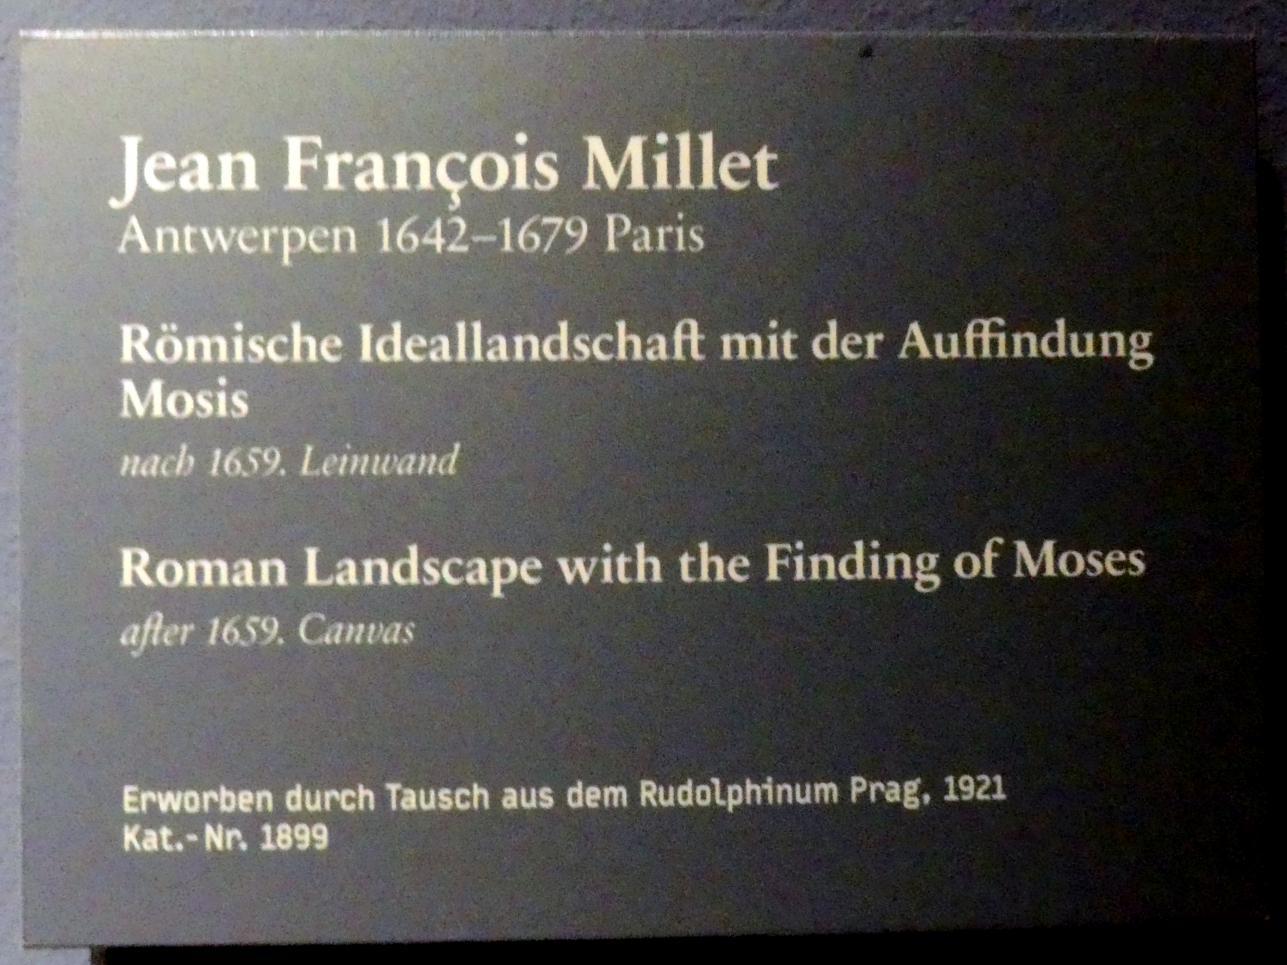 Jean-François Millet: Römische Ideallandschaft mit der Auffindung Mosis, Um 1659